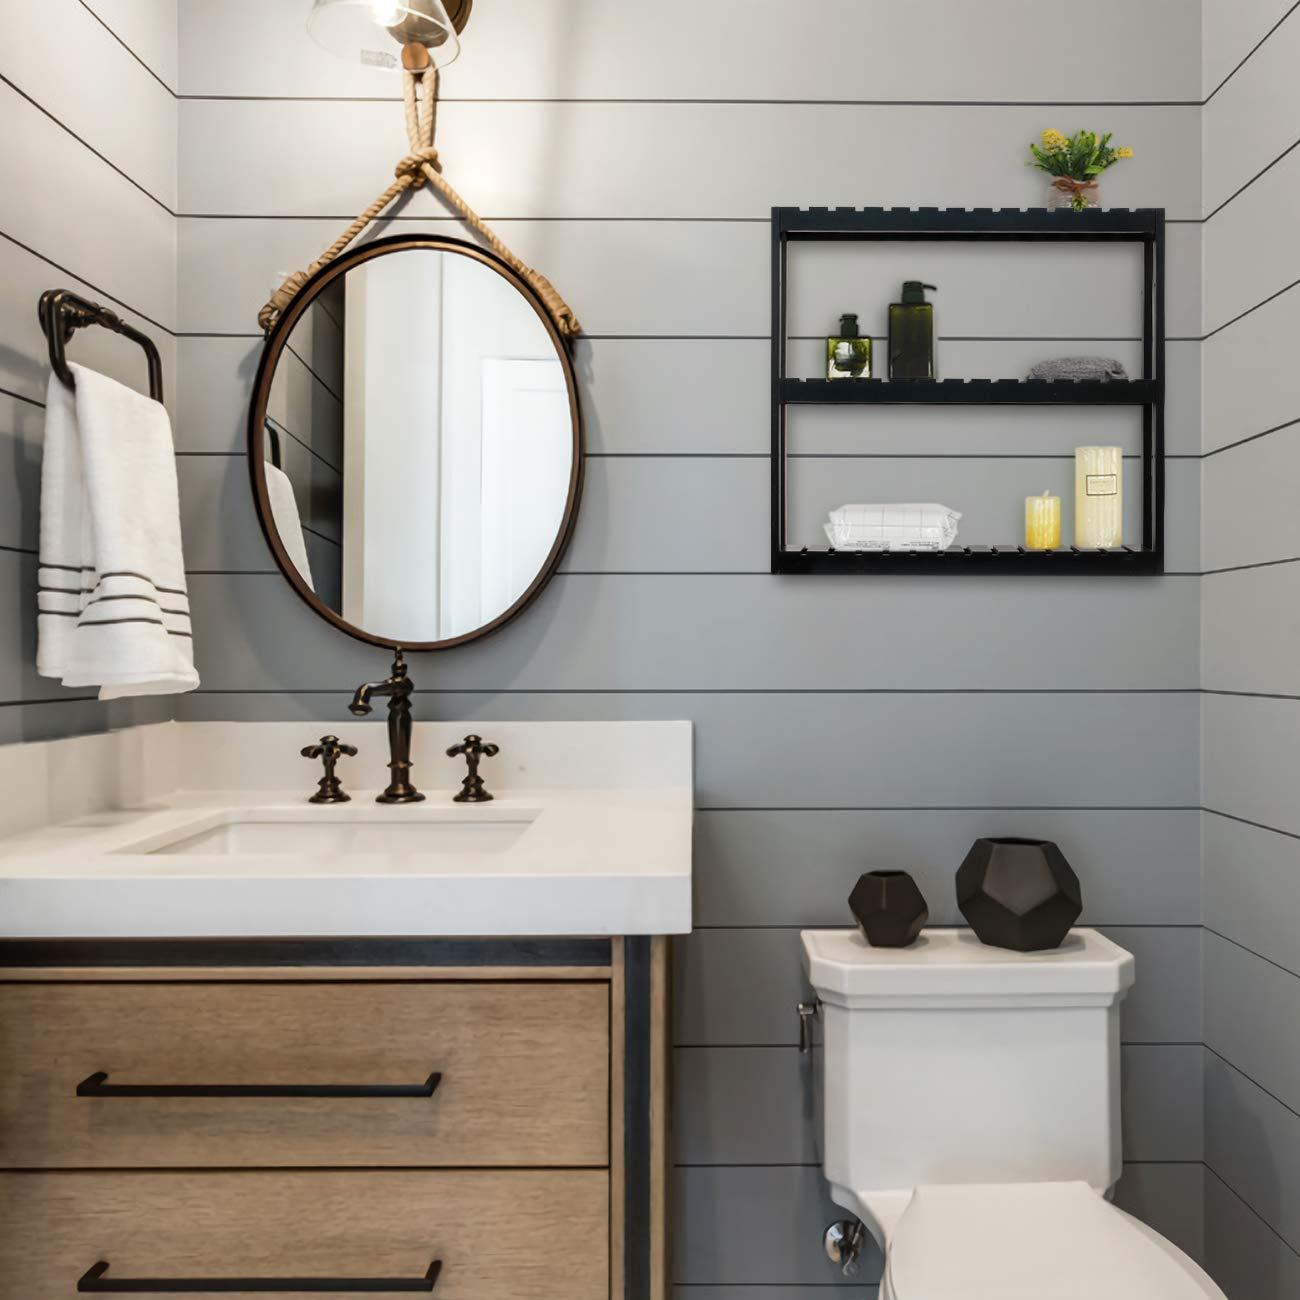 Estanter/ía de pared para ba/ño Blanco estanter/ía de ba/ño armario de pared estanter/ía de cocina con 3 alturas regulables estante de madera pared de bamb/ú